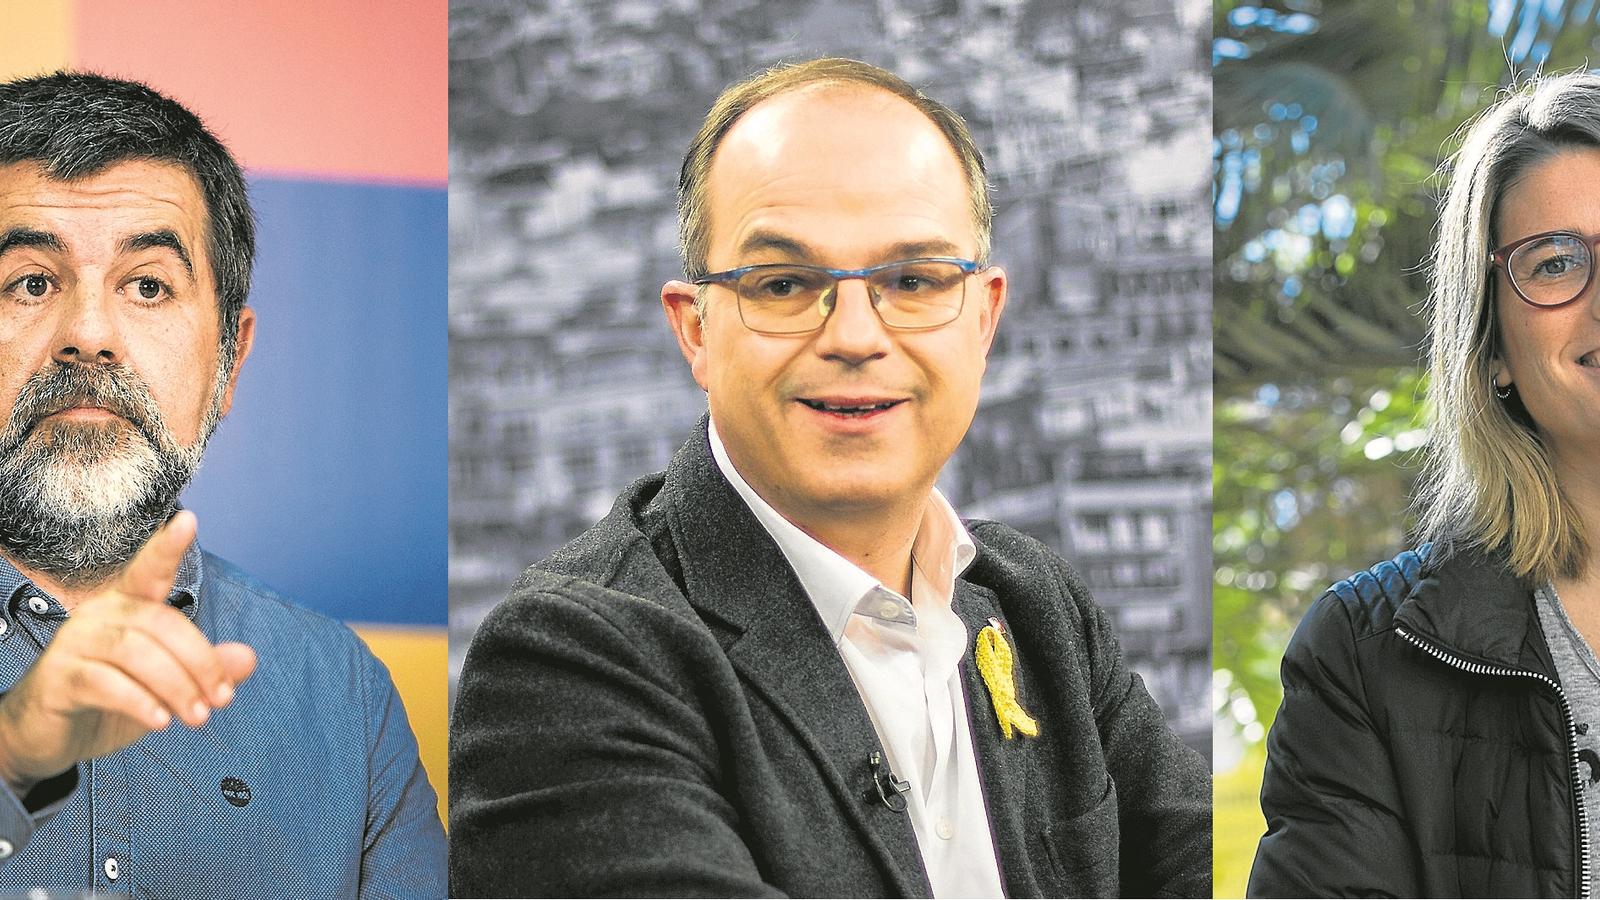 El president de l'ANC, Jordi Sànchez; el conseller de Presidència, Jordi Turull; i la portaveu de JxCat, Elsa Artadi.